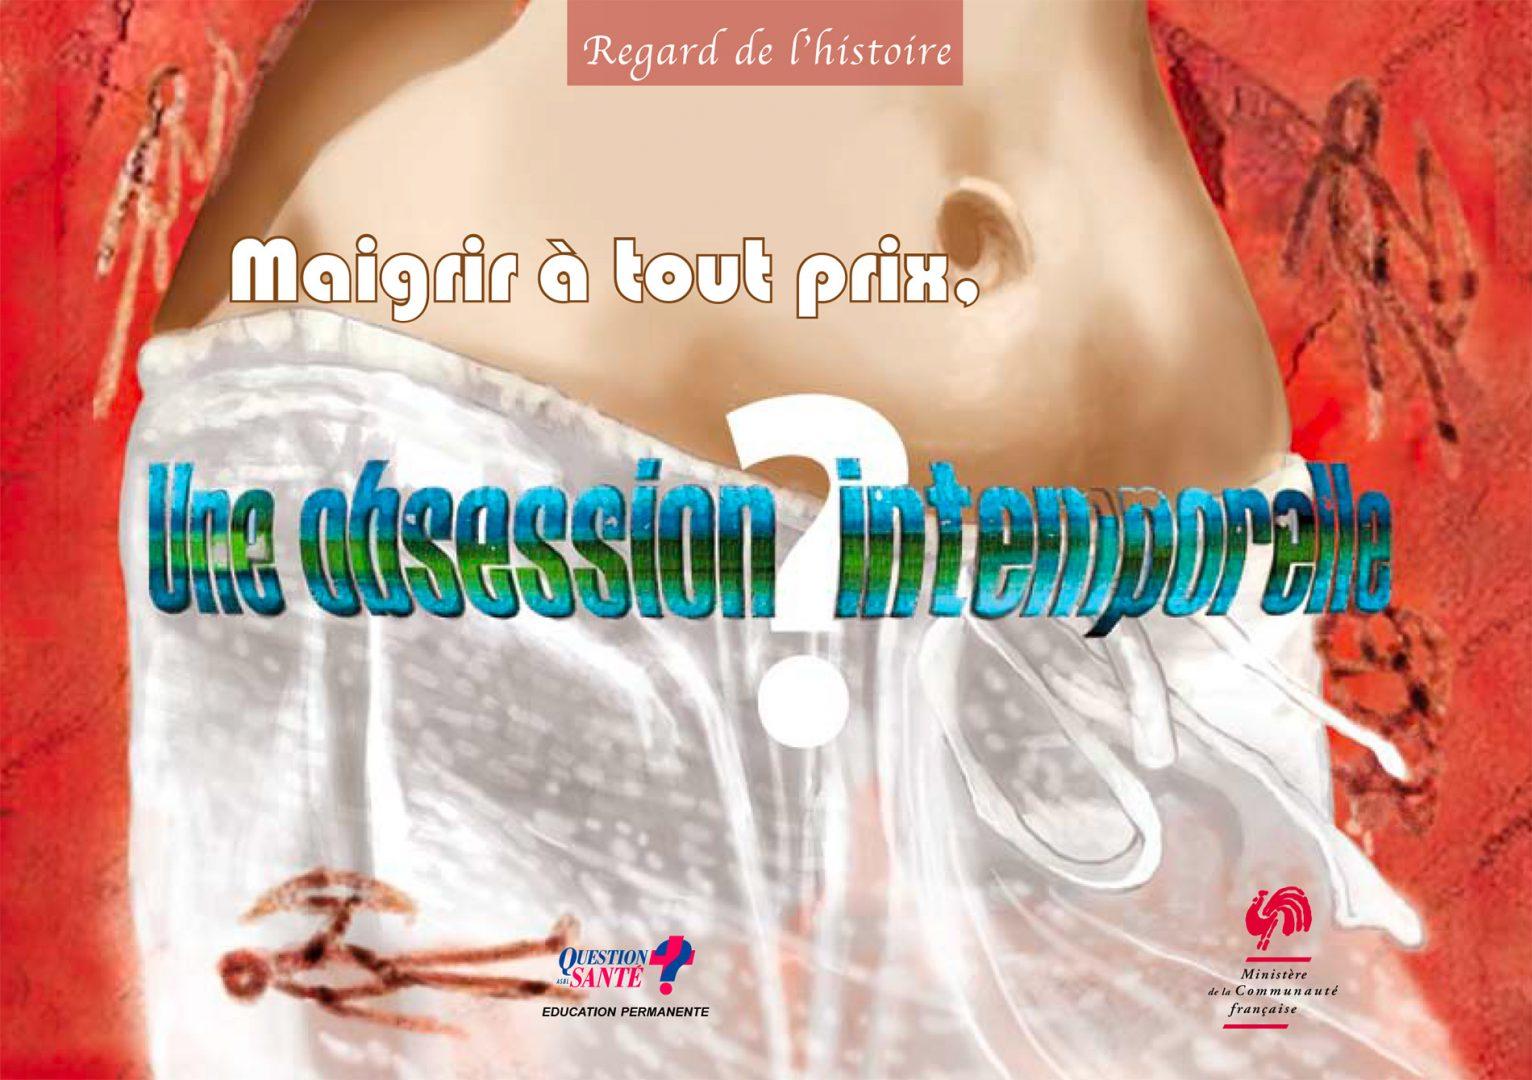 20100513 Img Maigriratoutprix Bd Vf